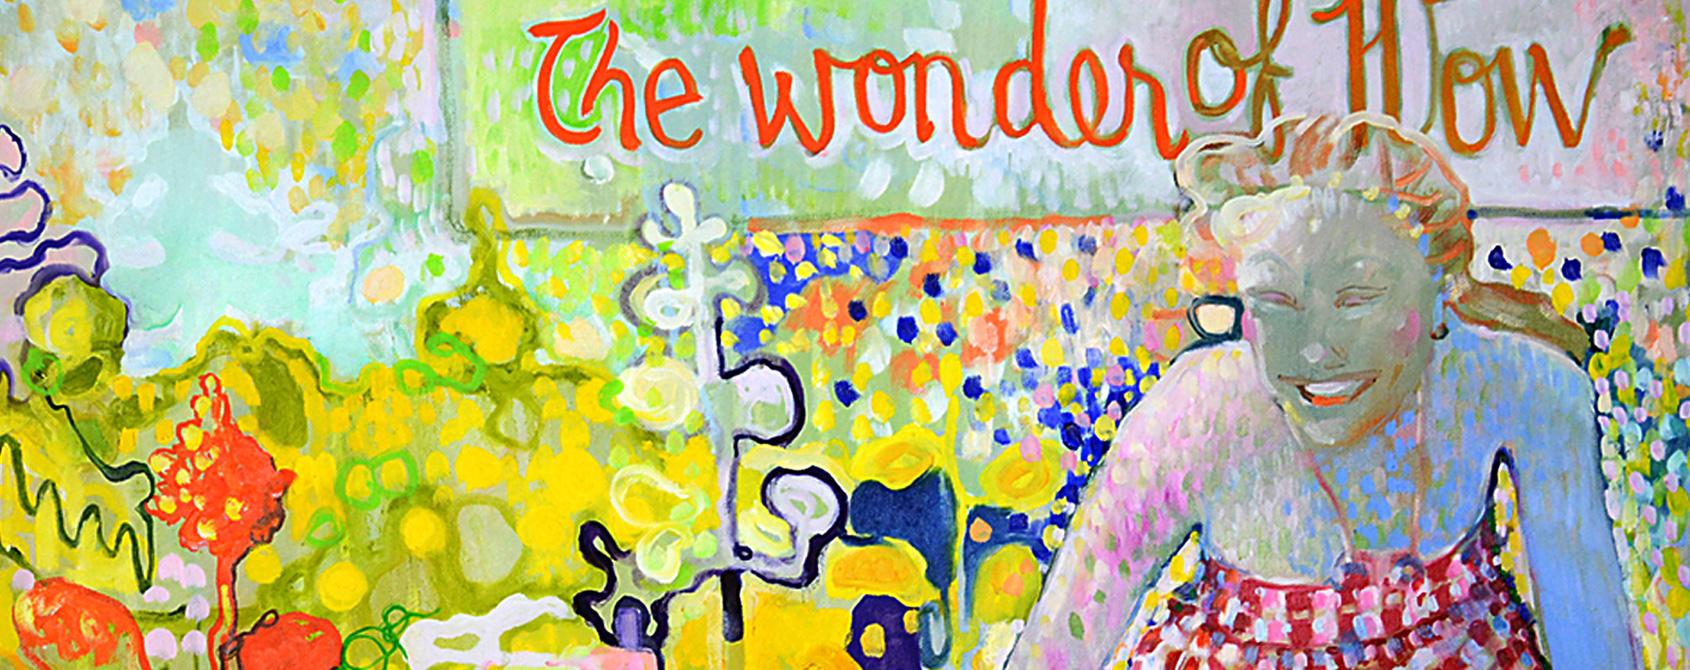 THE WONDER OF WOW! von Serge Nyfeler